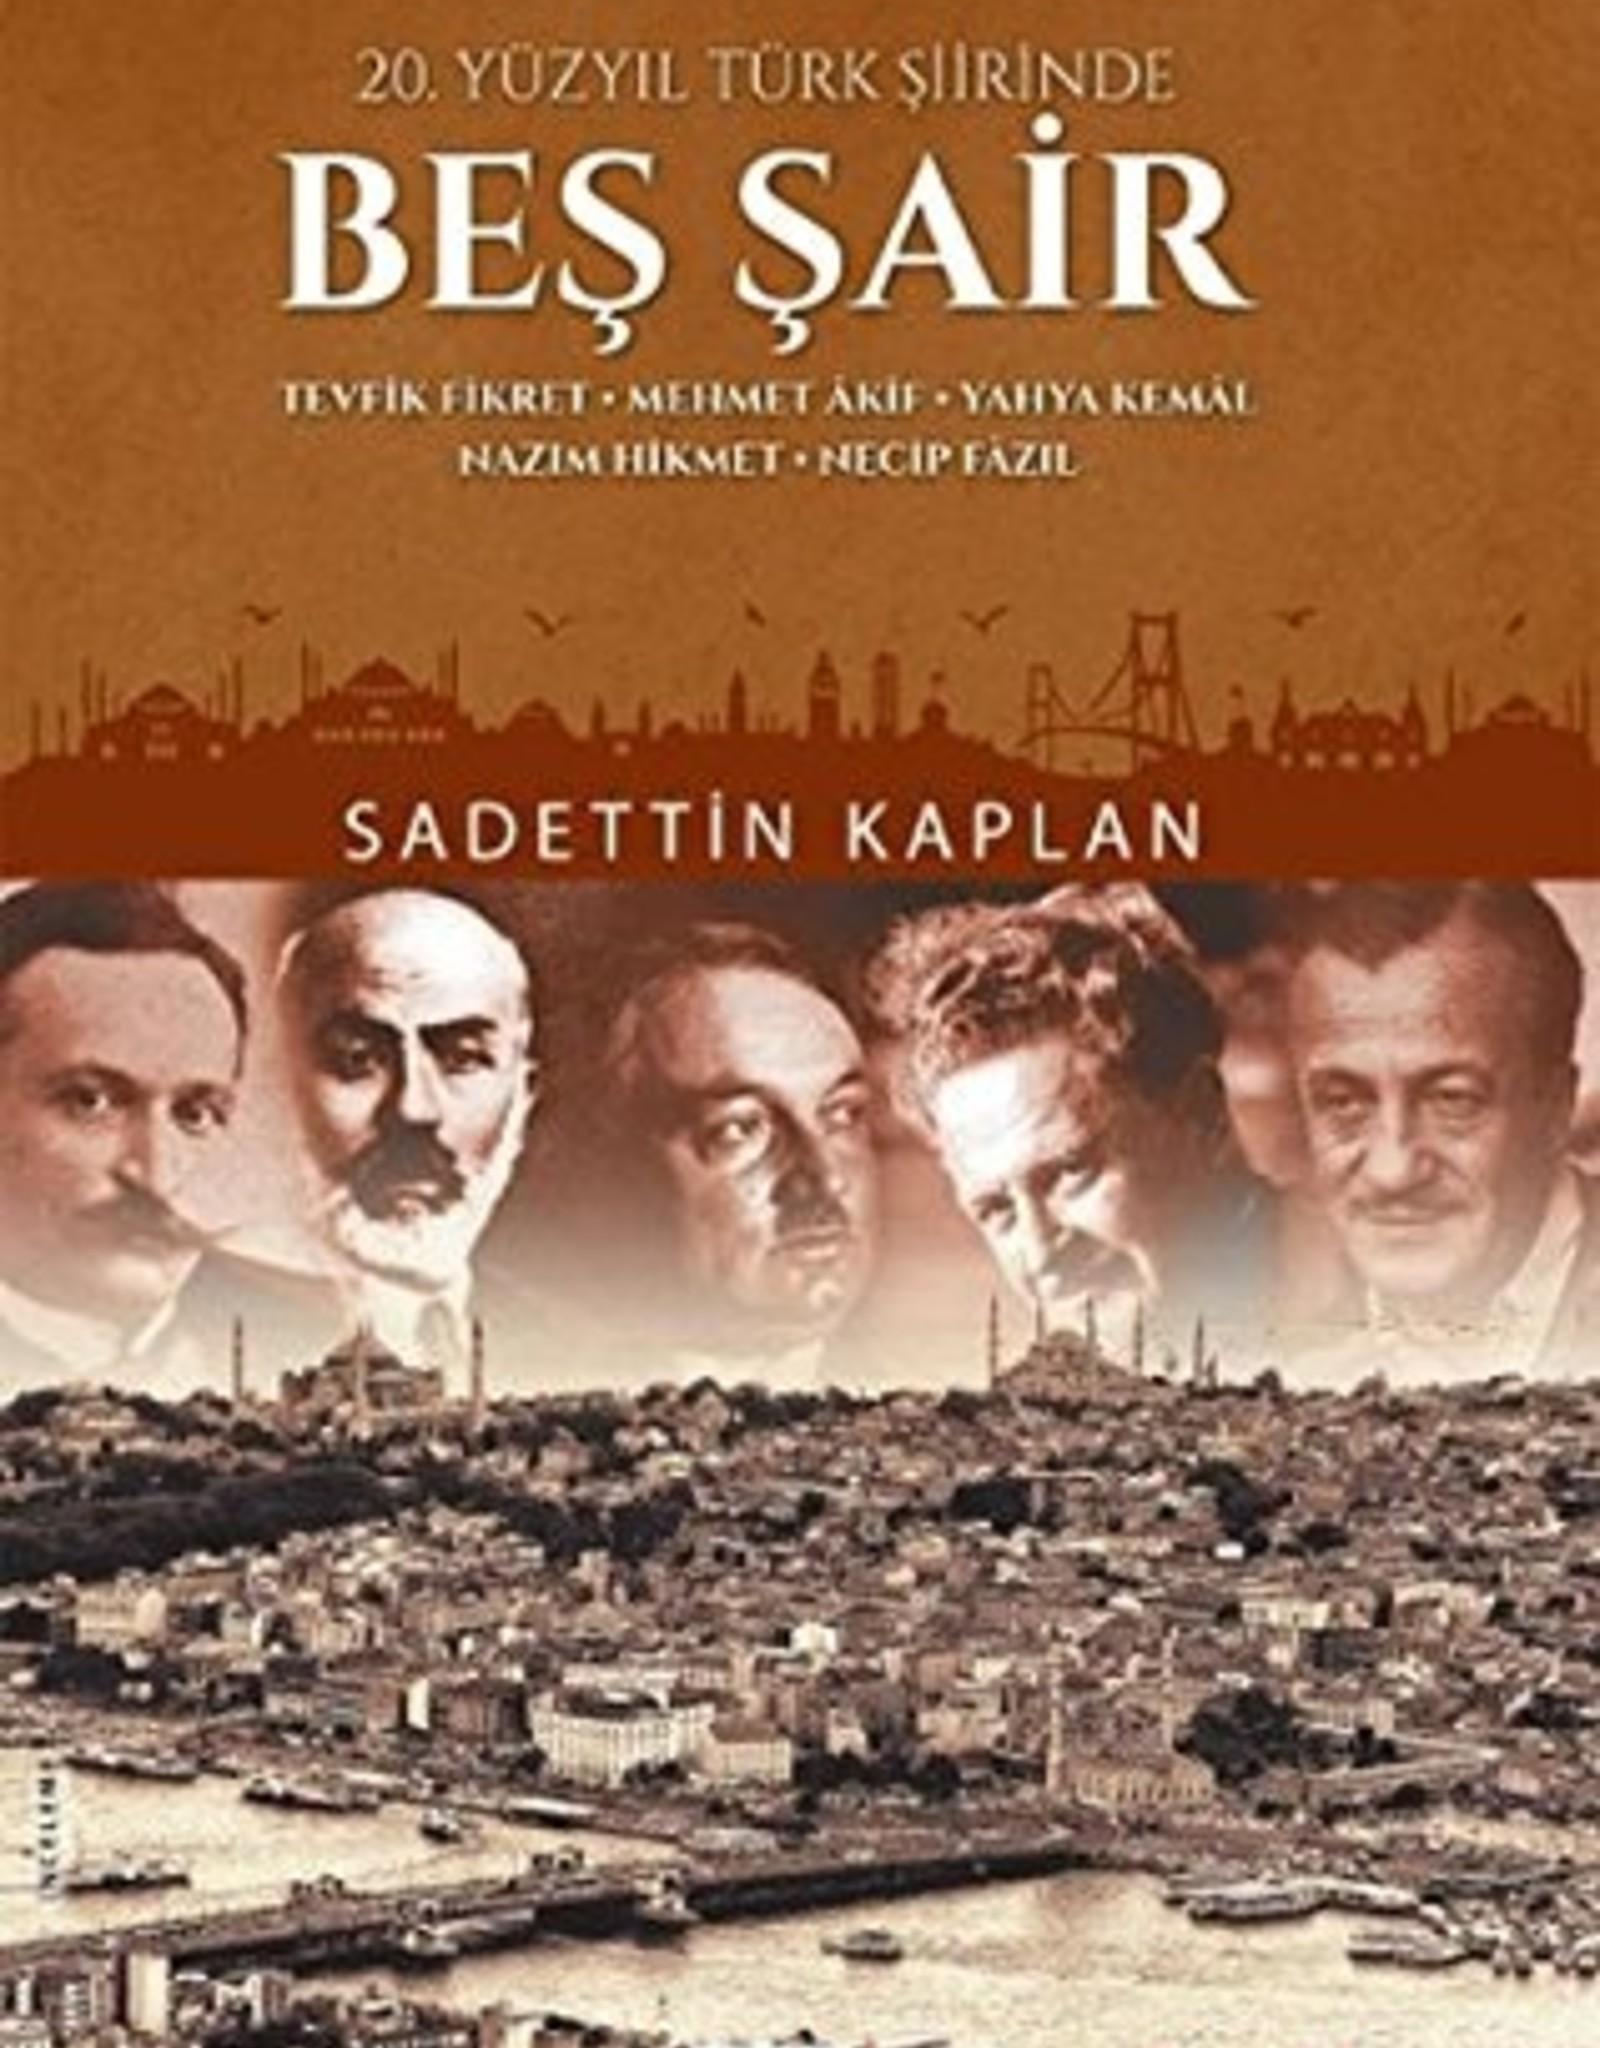 20 Yüzyıl Türk Şiirinde Beş Şair